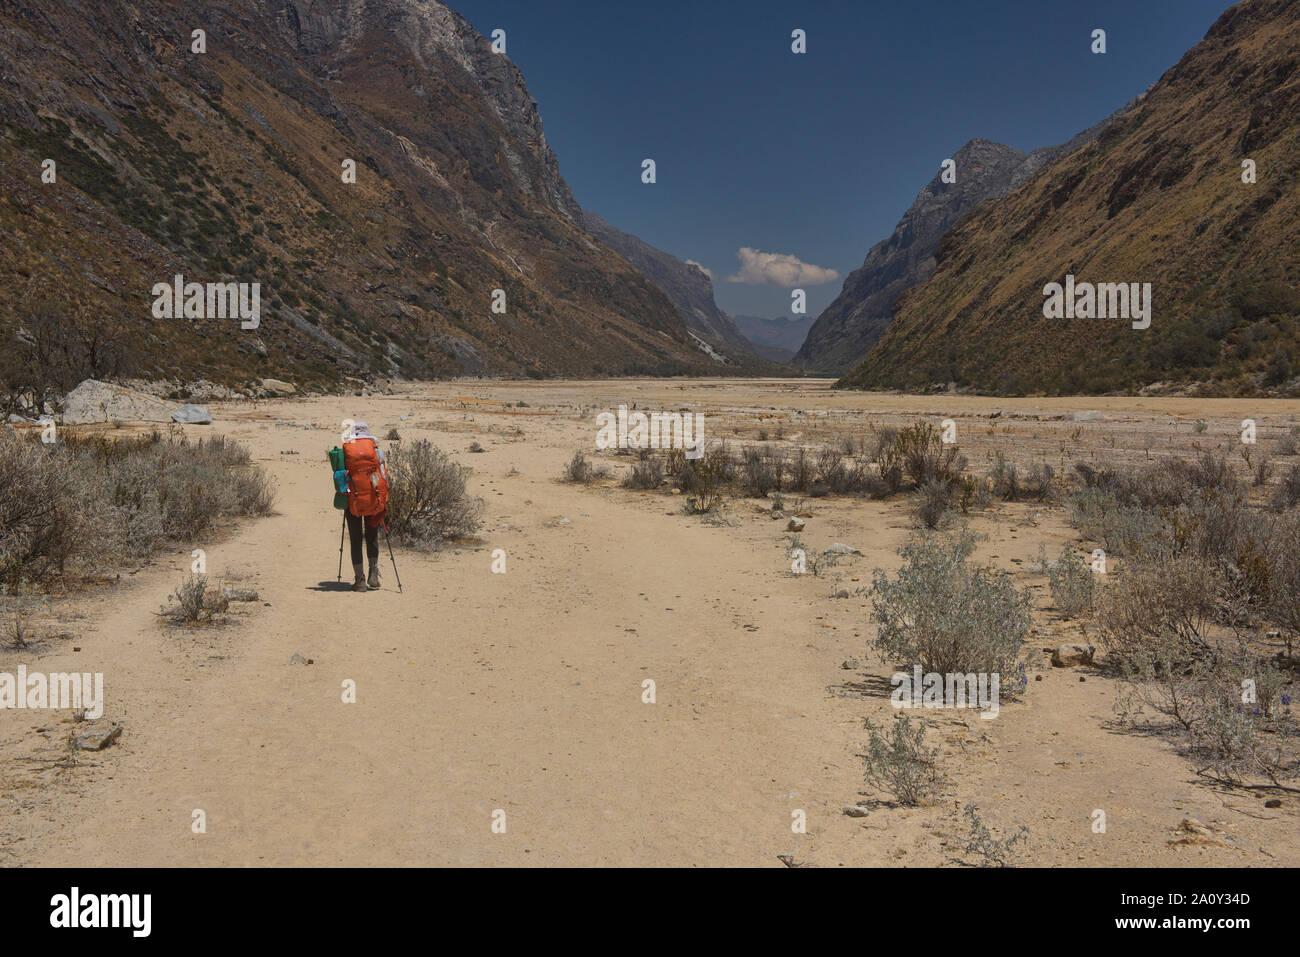 Desertscape along the Santa Cruz trek, Cordillera Blanca, Ancash, Peru Stock Photo